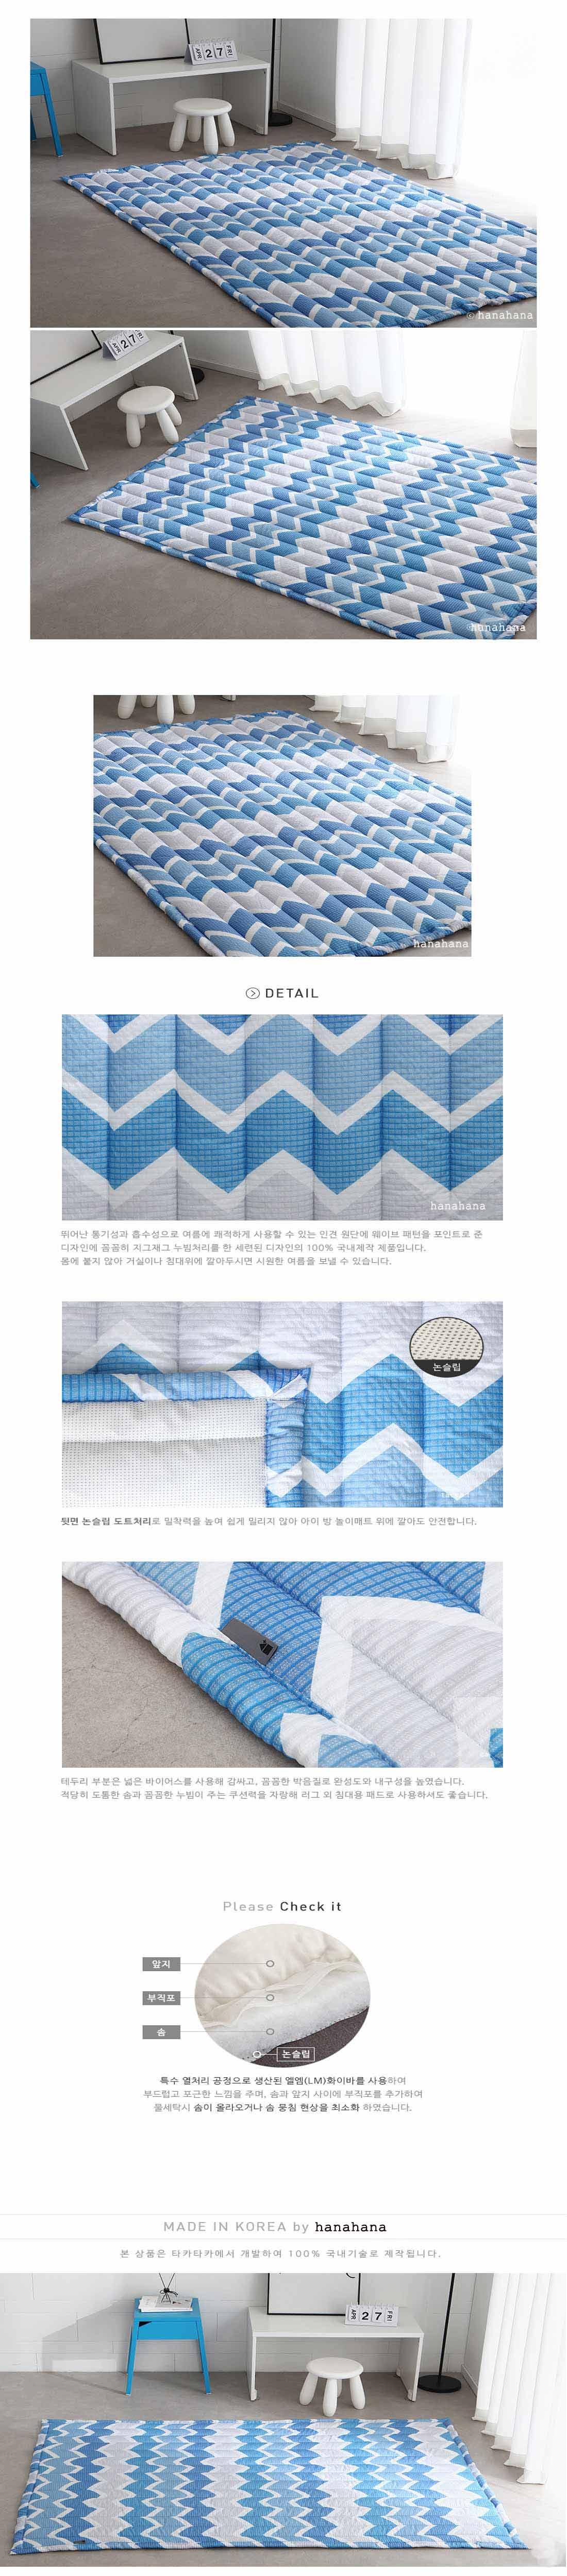 Tẩm lót sàn đẹp Hàn Quốc